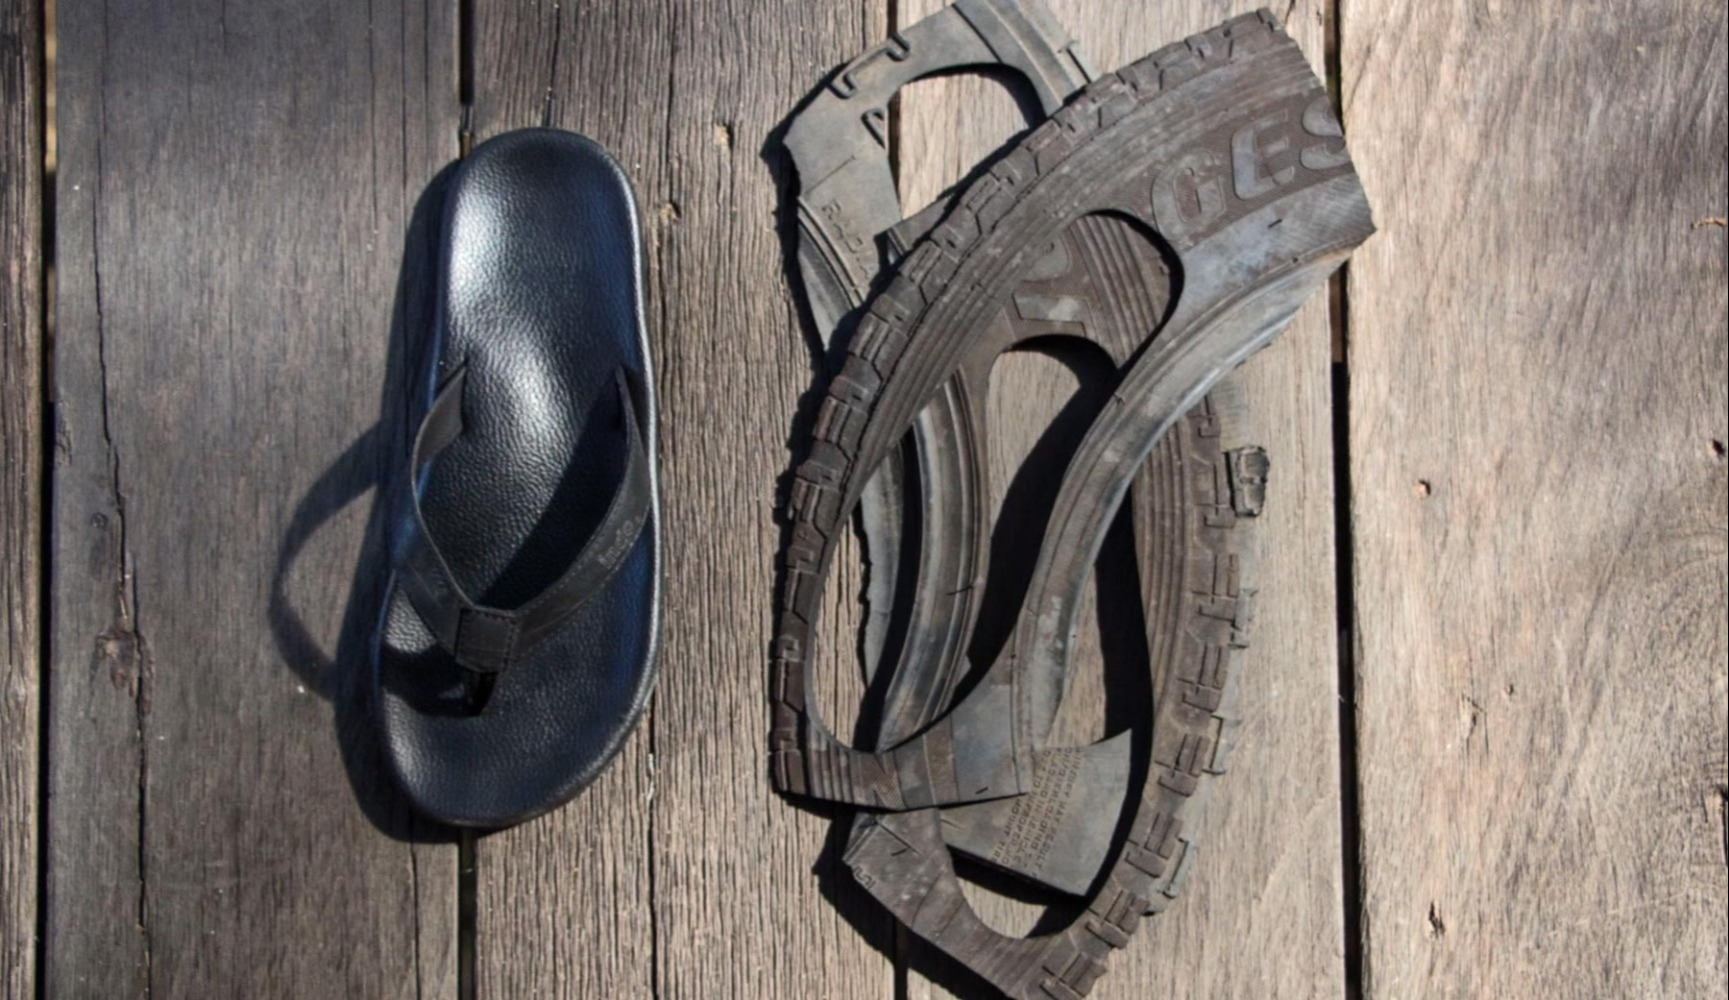 Zolen van indoolschoenen worden met de hand gesneden uit gebruikte banden. Foto door Indosole